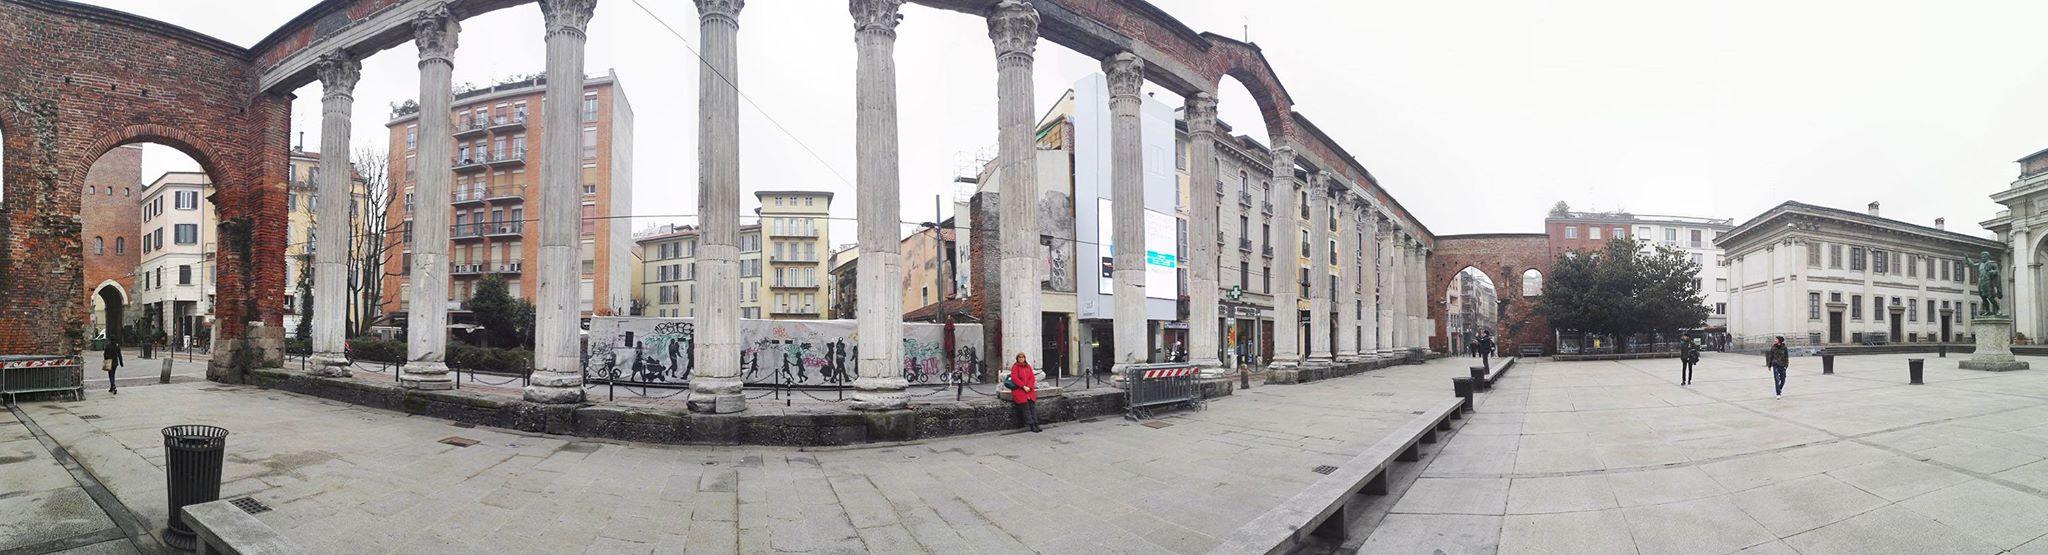 Foto panoramica di Milano